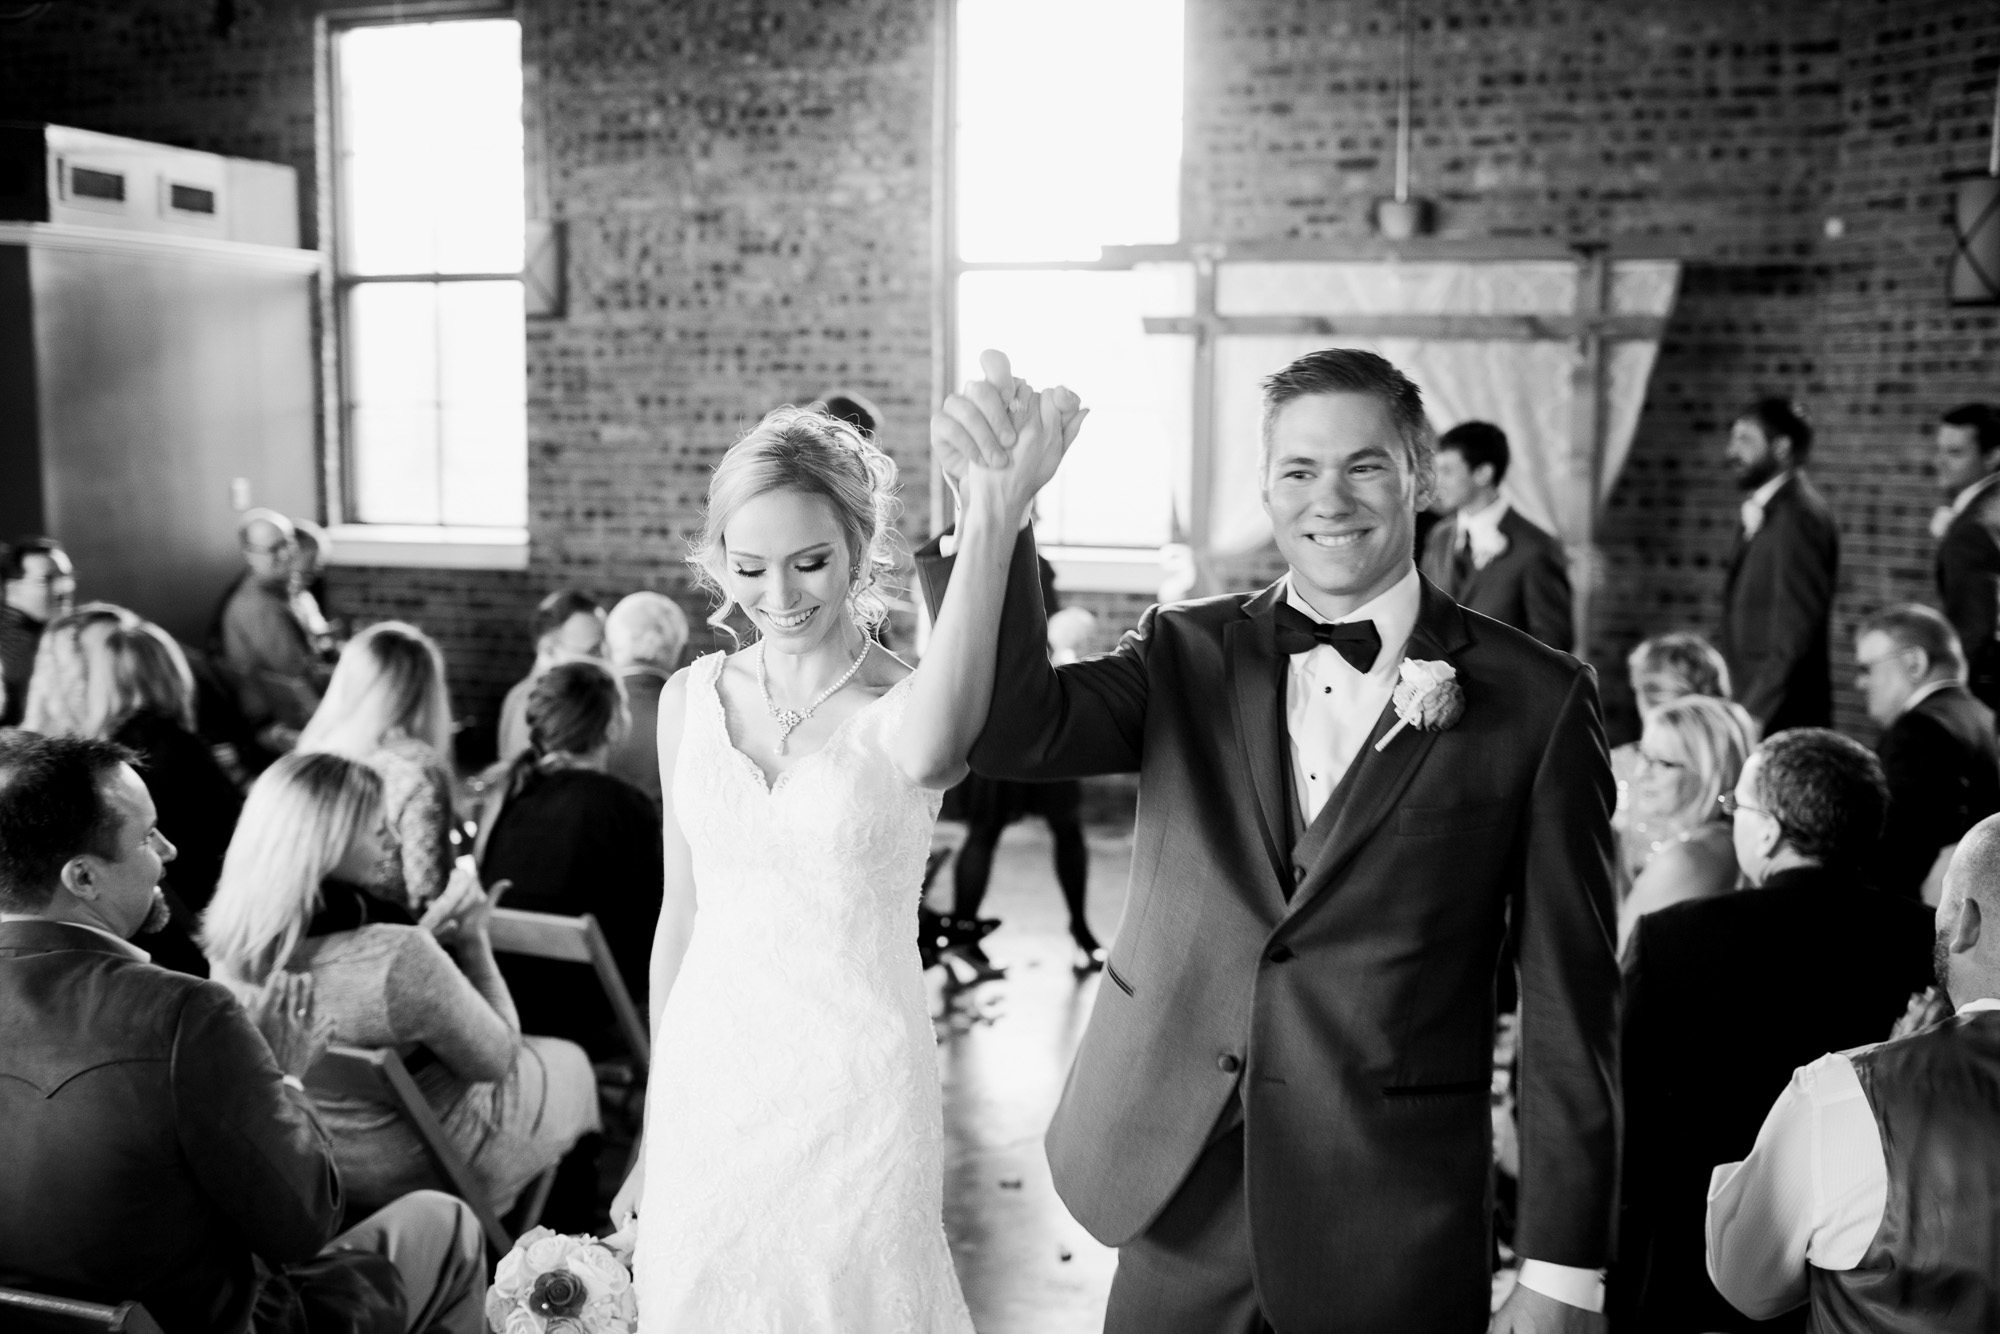 07a9a-downtown-bryan-weddingdowntown-bryan-wedding.jpg